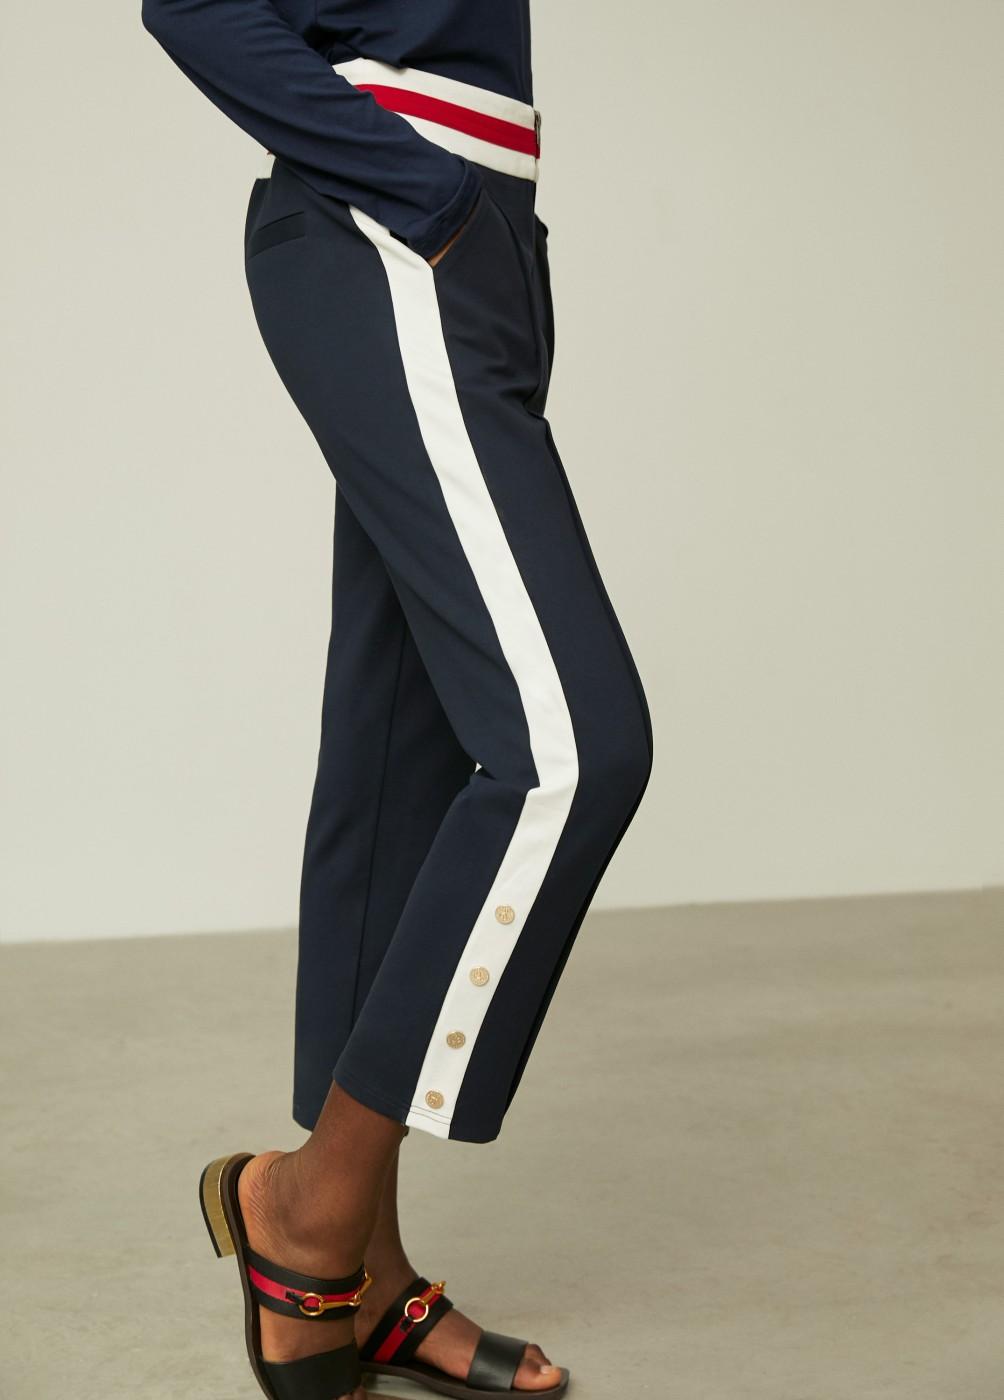 pantalon-sporty-franja-lateral